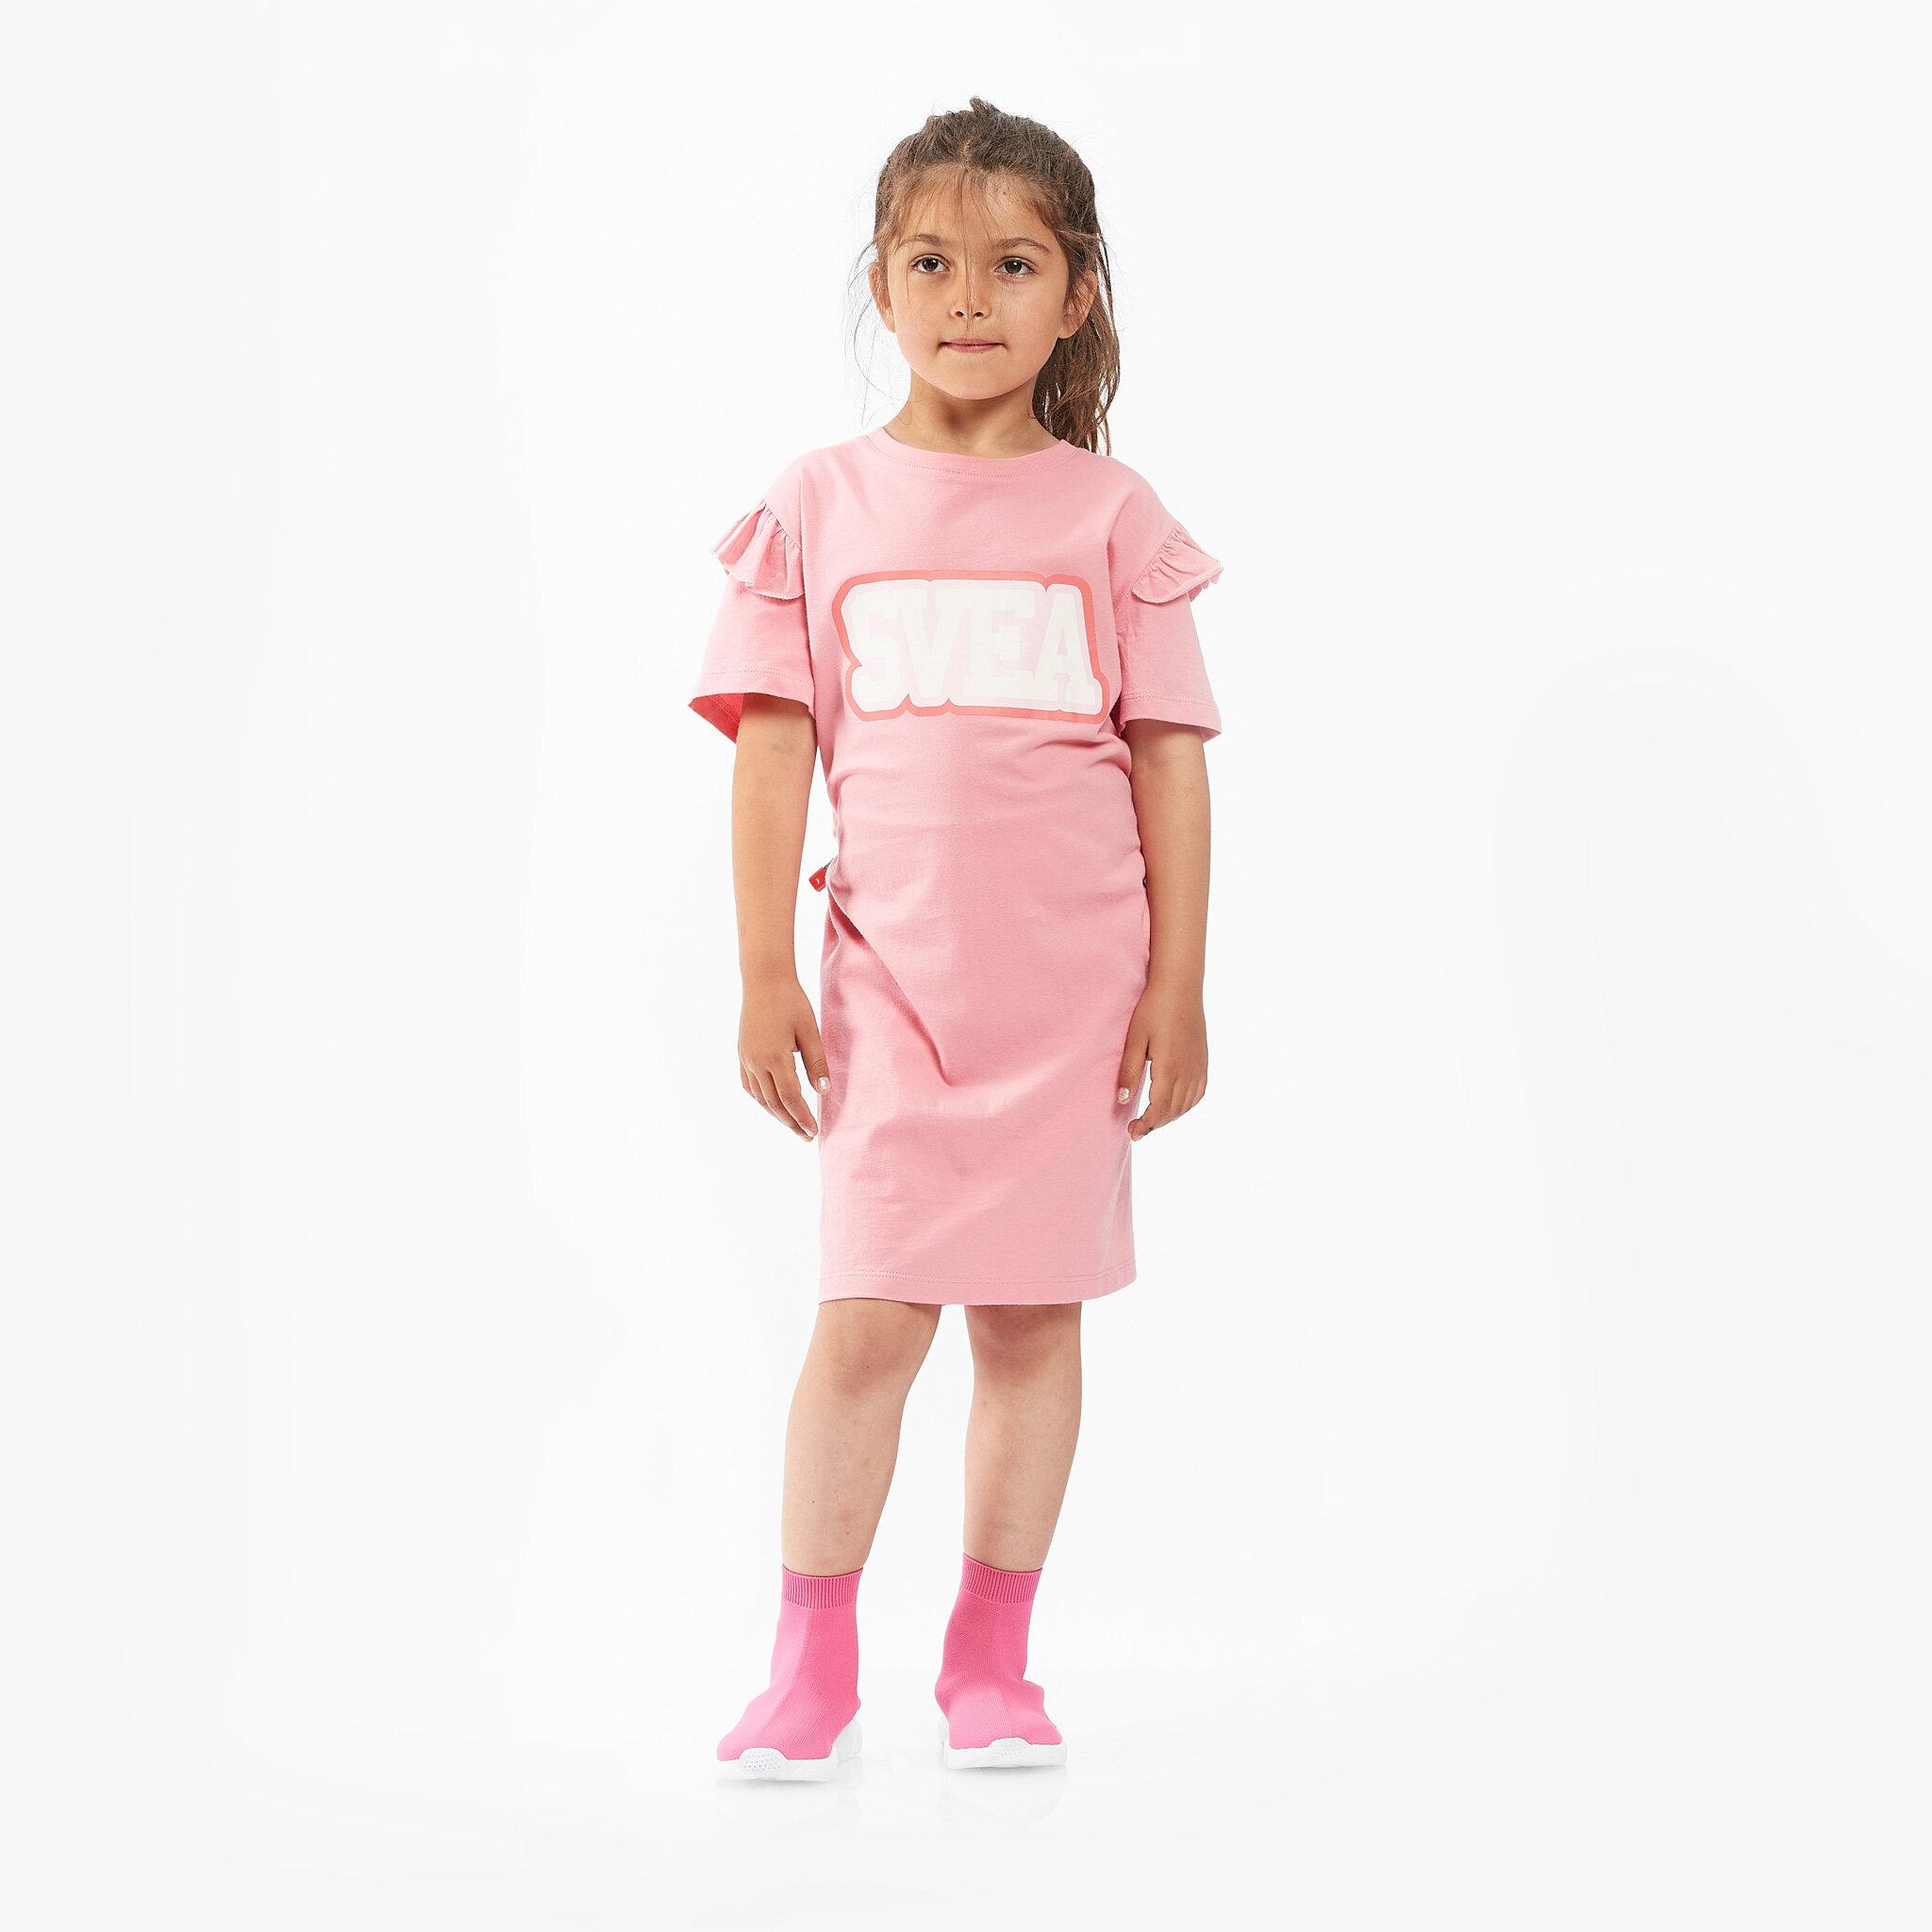 K. Frill Tee Dress